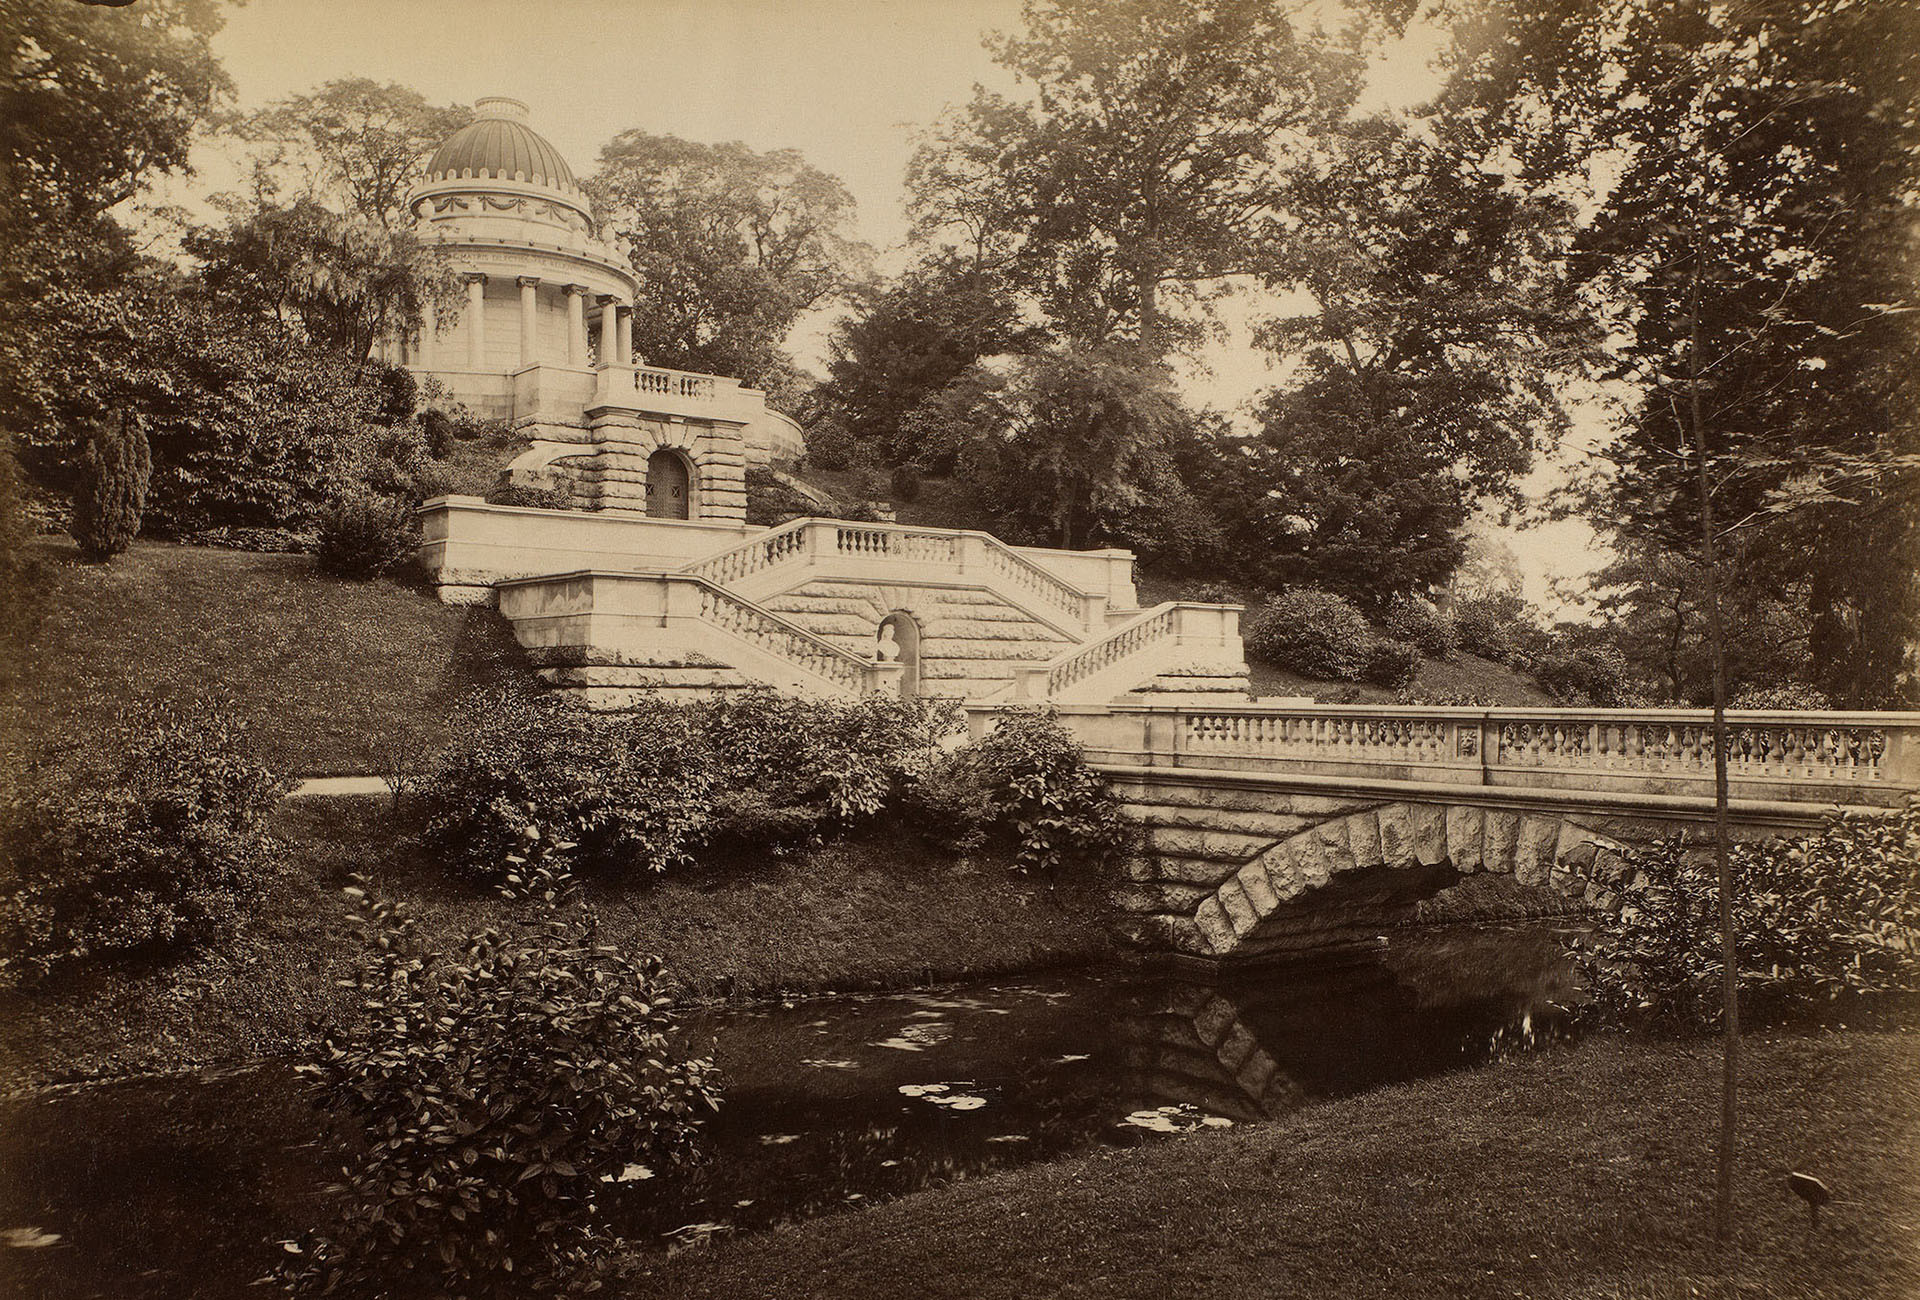 Frogmore Cottage en Windsor, donde vivirá la nueva pareja de la realeza británica, supo ser una de las casas de campo preferida de la Reina Victoria (Royal Collection)